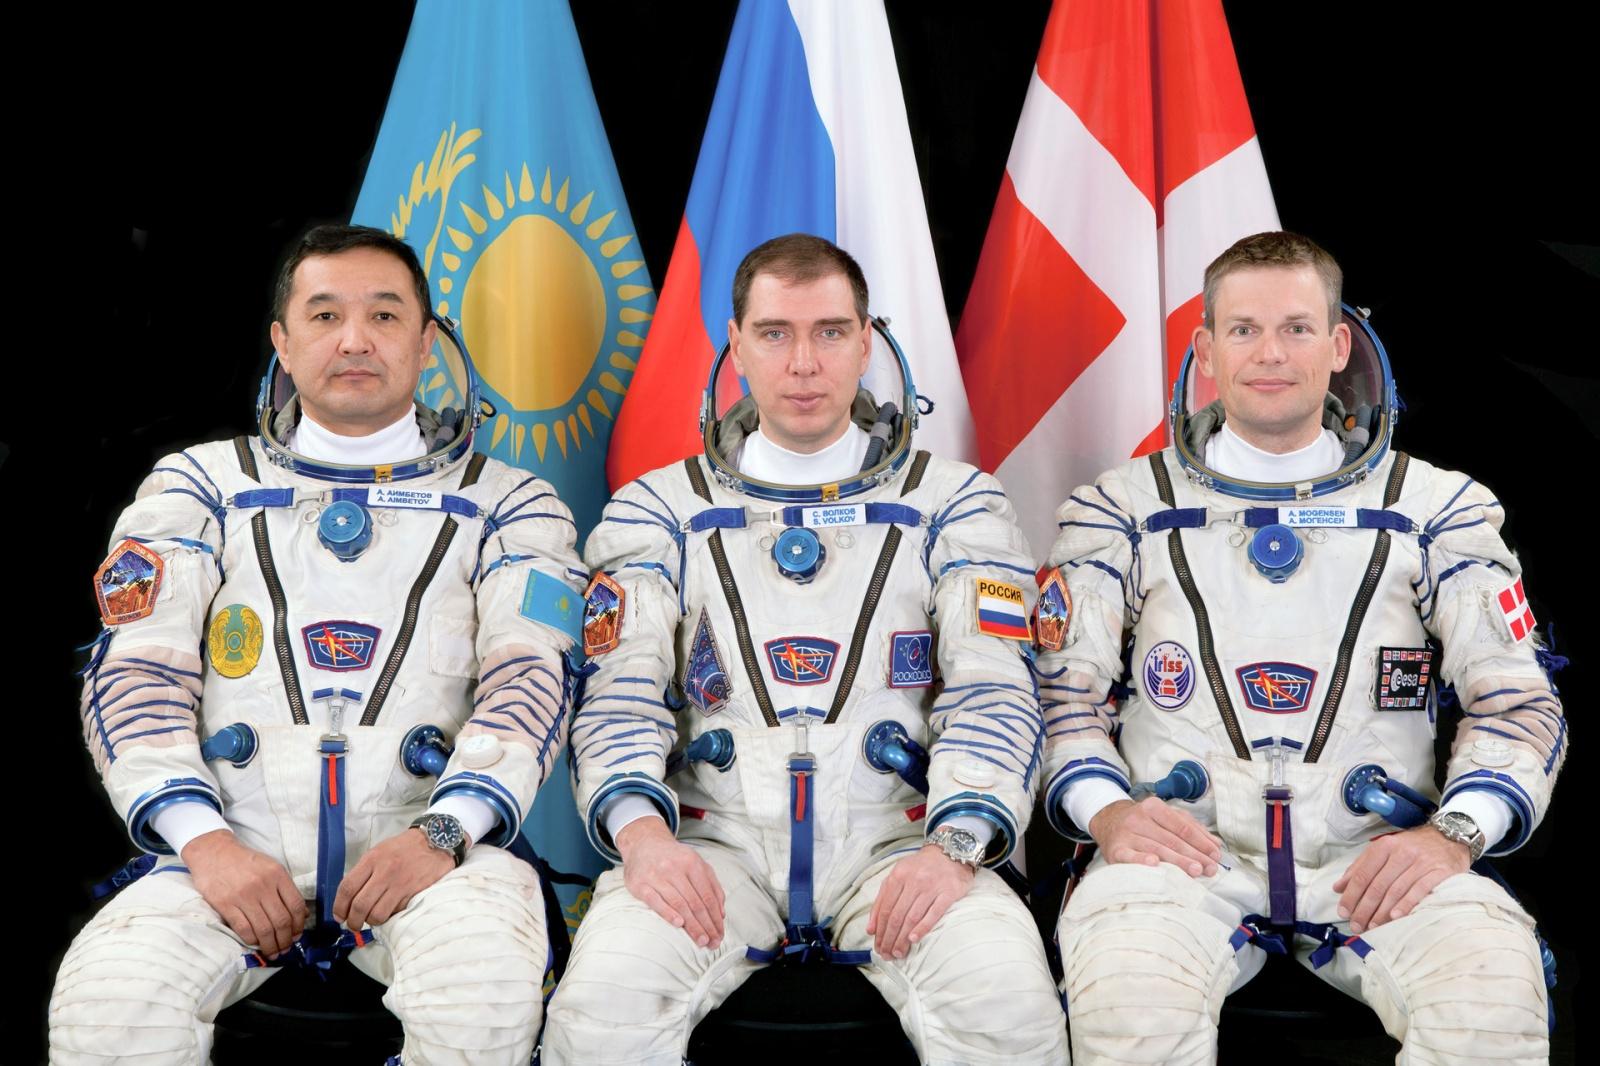 [Запуск успешен] «Союз ТМА-18М» отправится к МКС завтра утром - 2